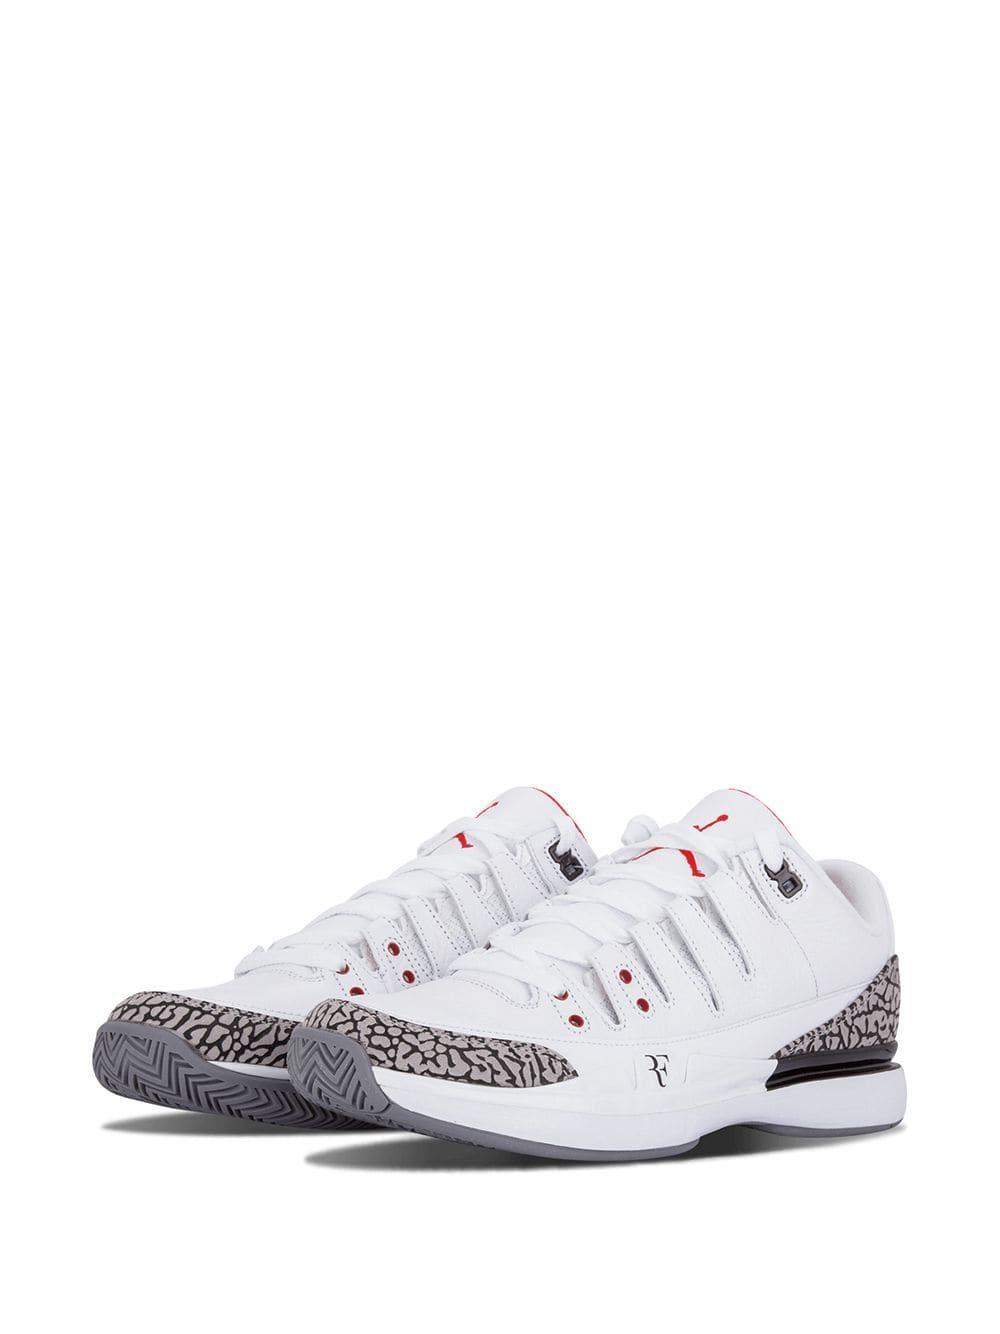 b16744da22fa Lyst - Nike Zoom Vapor Aj3 Sneakers in White for Men